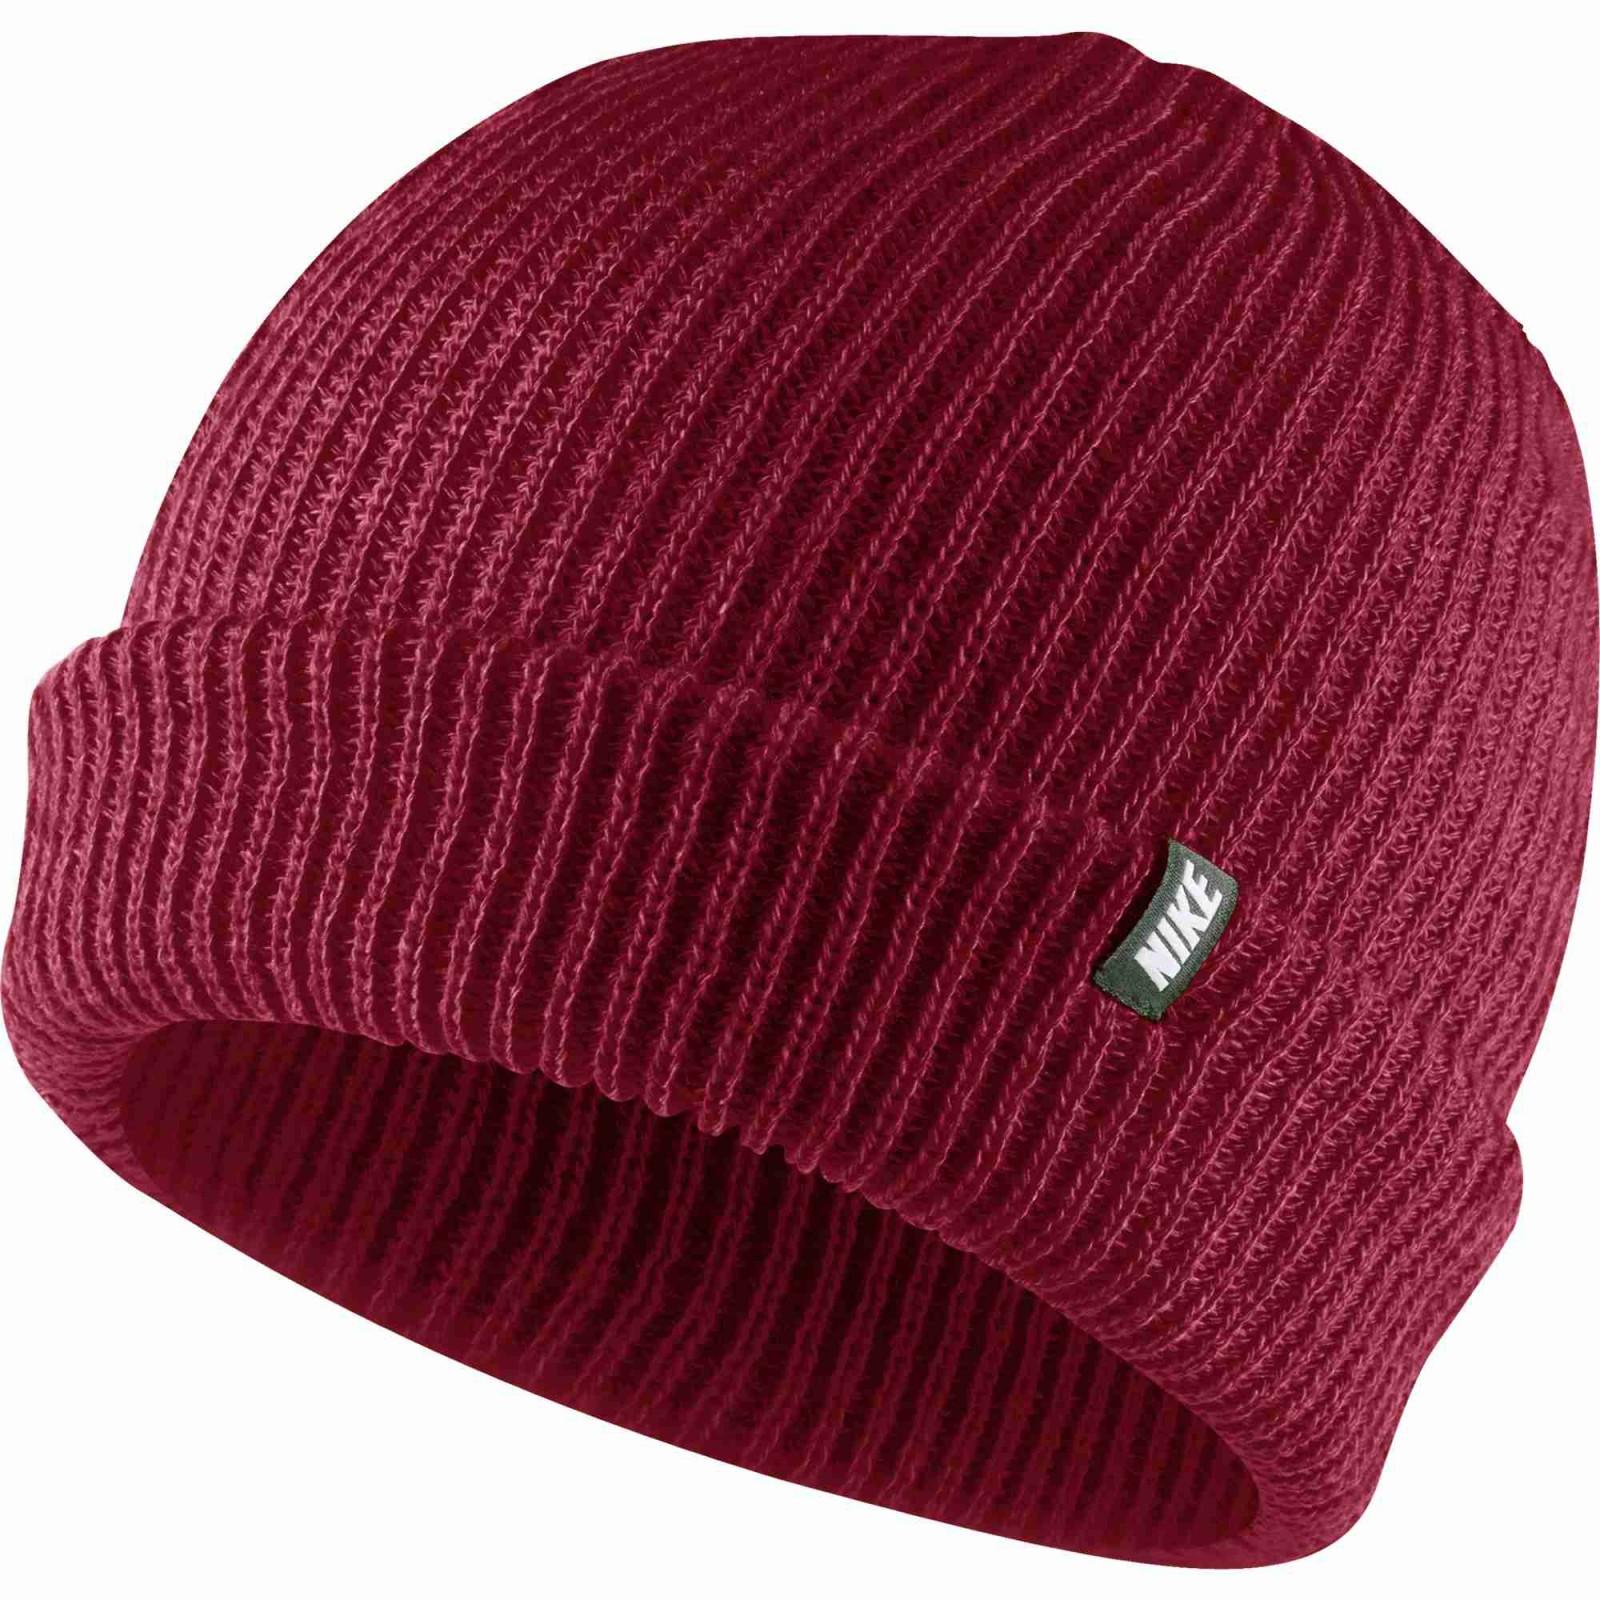 54042336c5e Zimní čepice Nike BEANIE-CORE BLUE